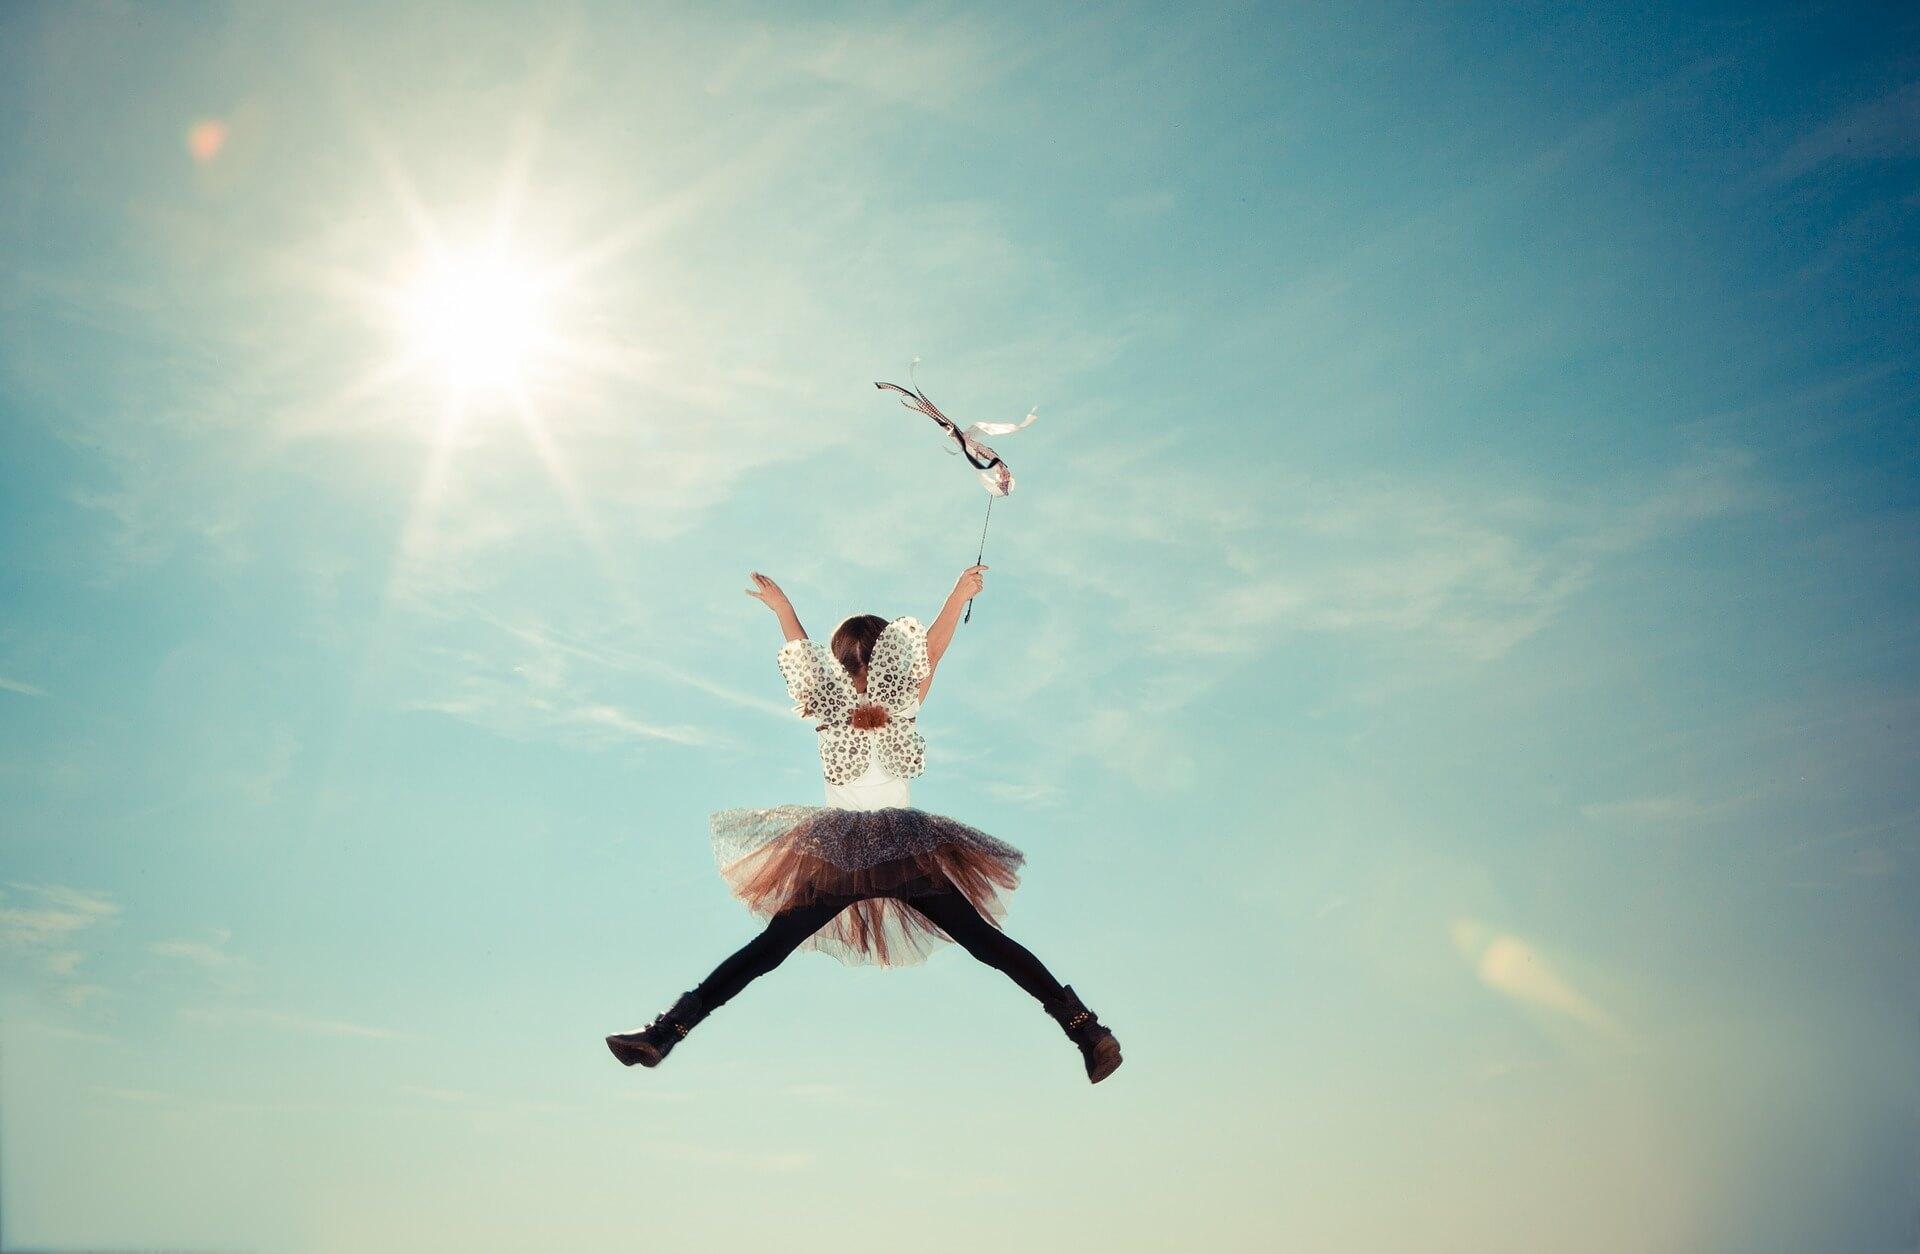 De chachacha van het leven: 3 levenslessen die ik leerde van een dreumes